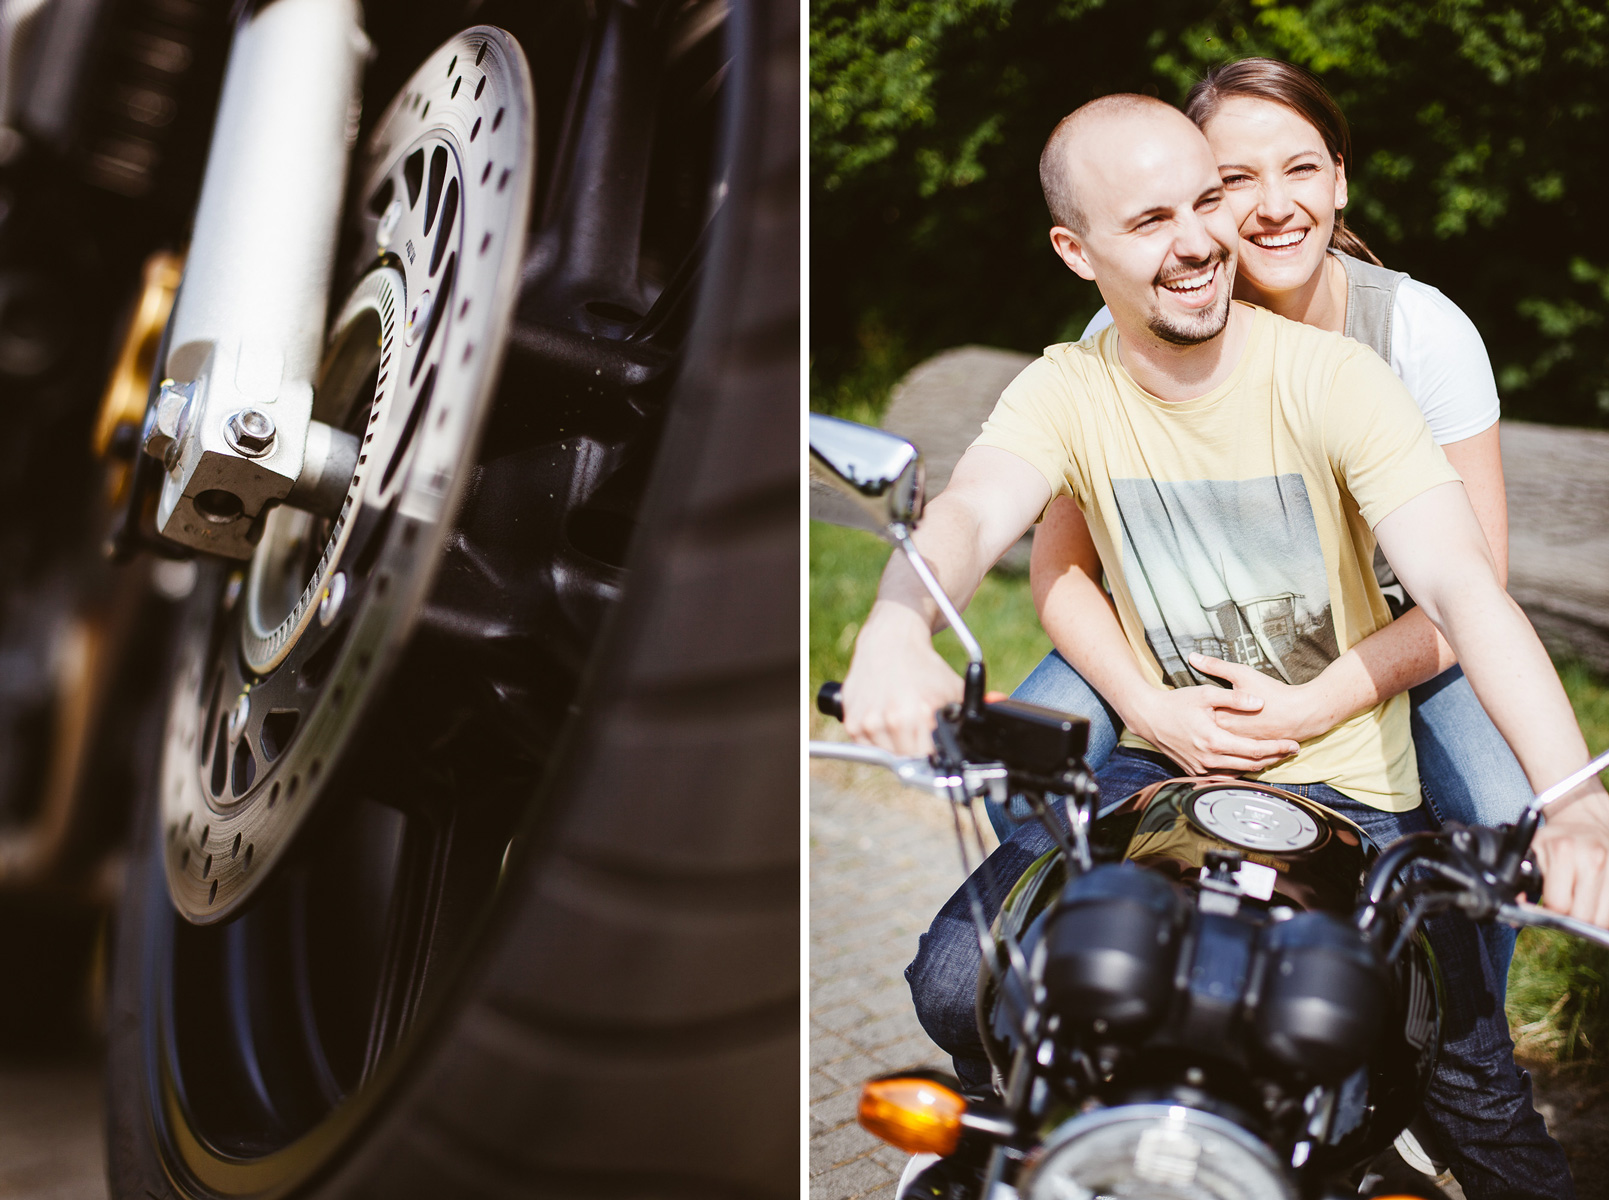 Tina-und-Paul-Engagement-Foto-Avec-Amis-5